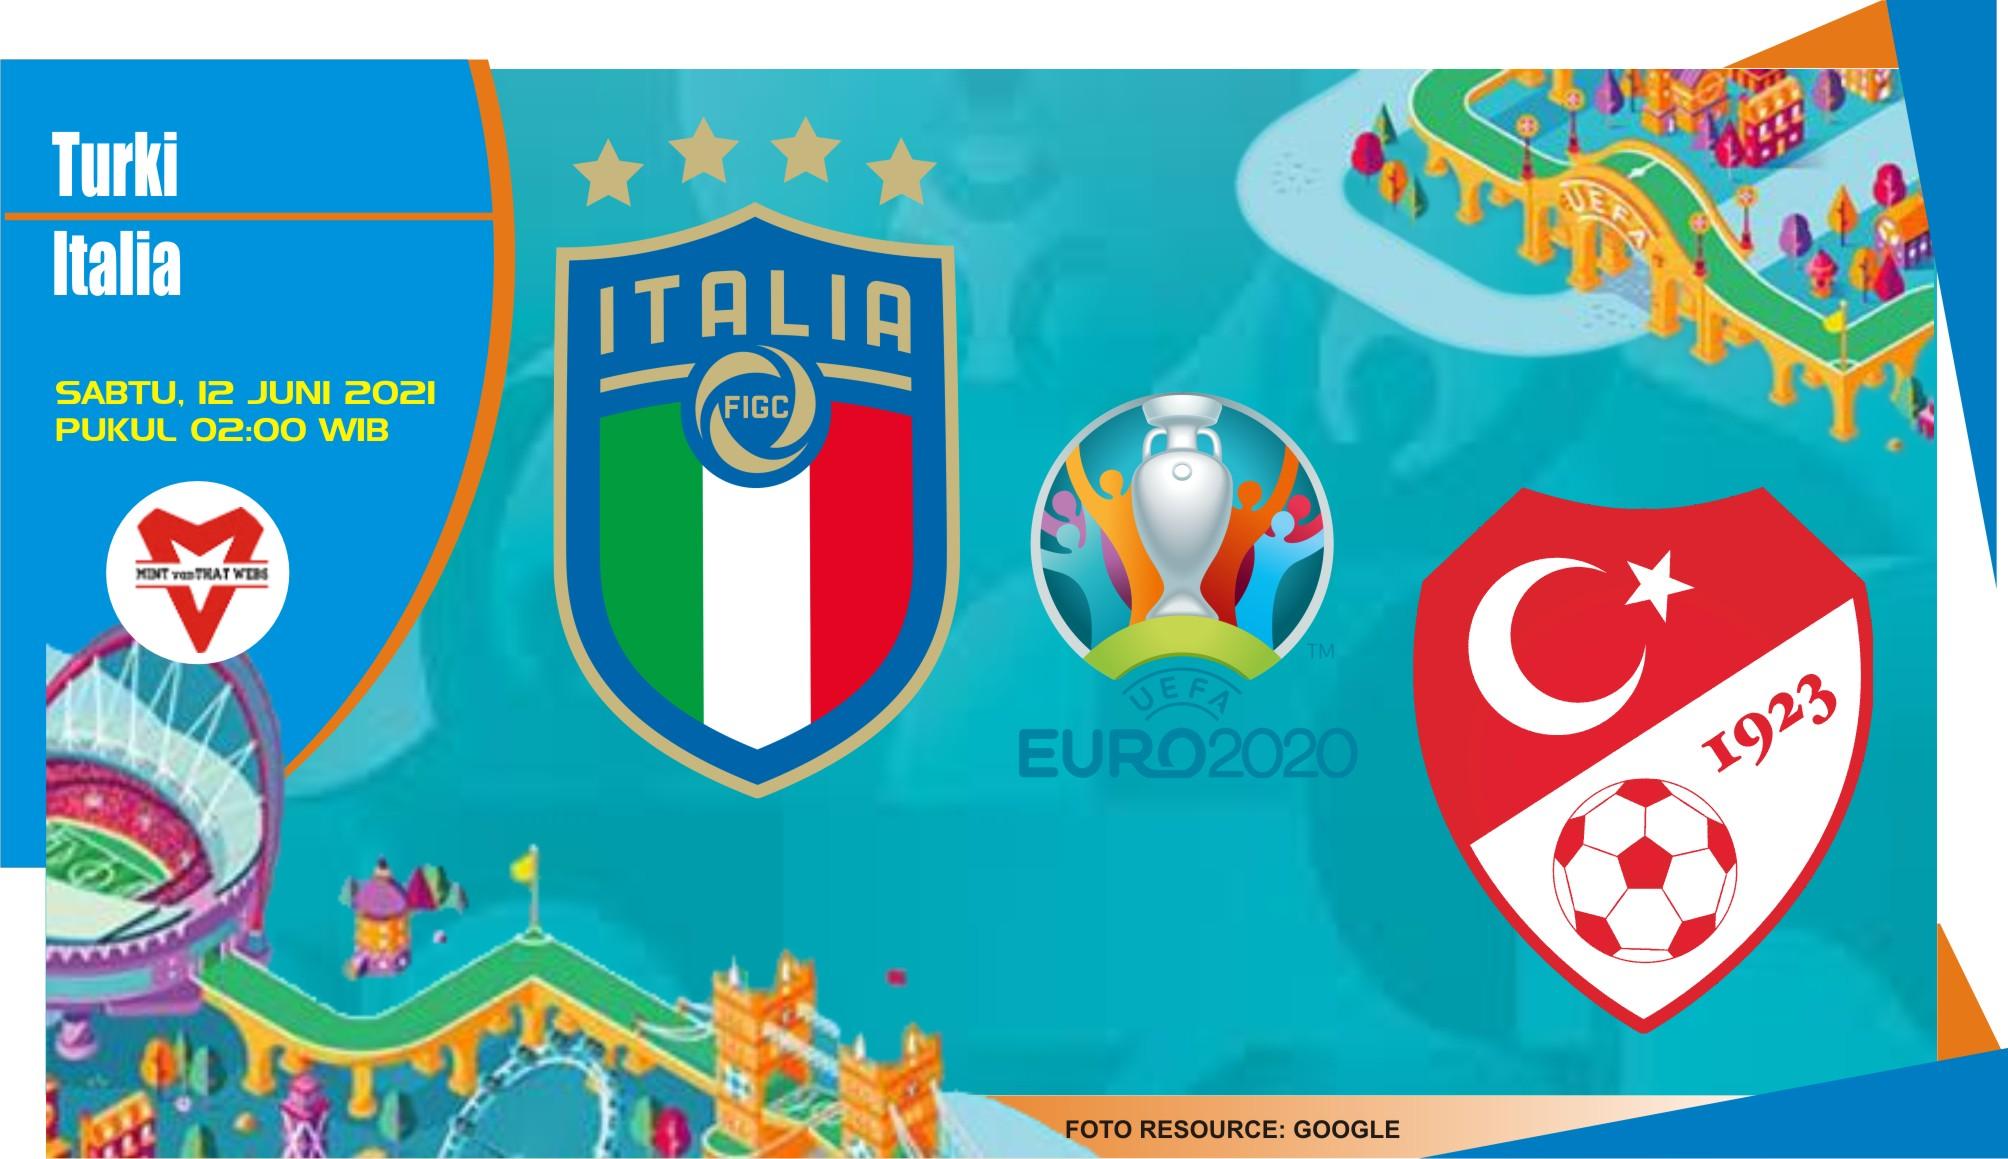 Prediksi Turki vs Italia, Laga Piala Eropa 12 Juni 2021